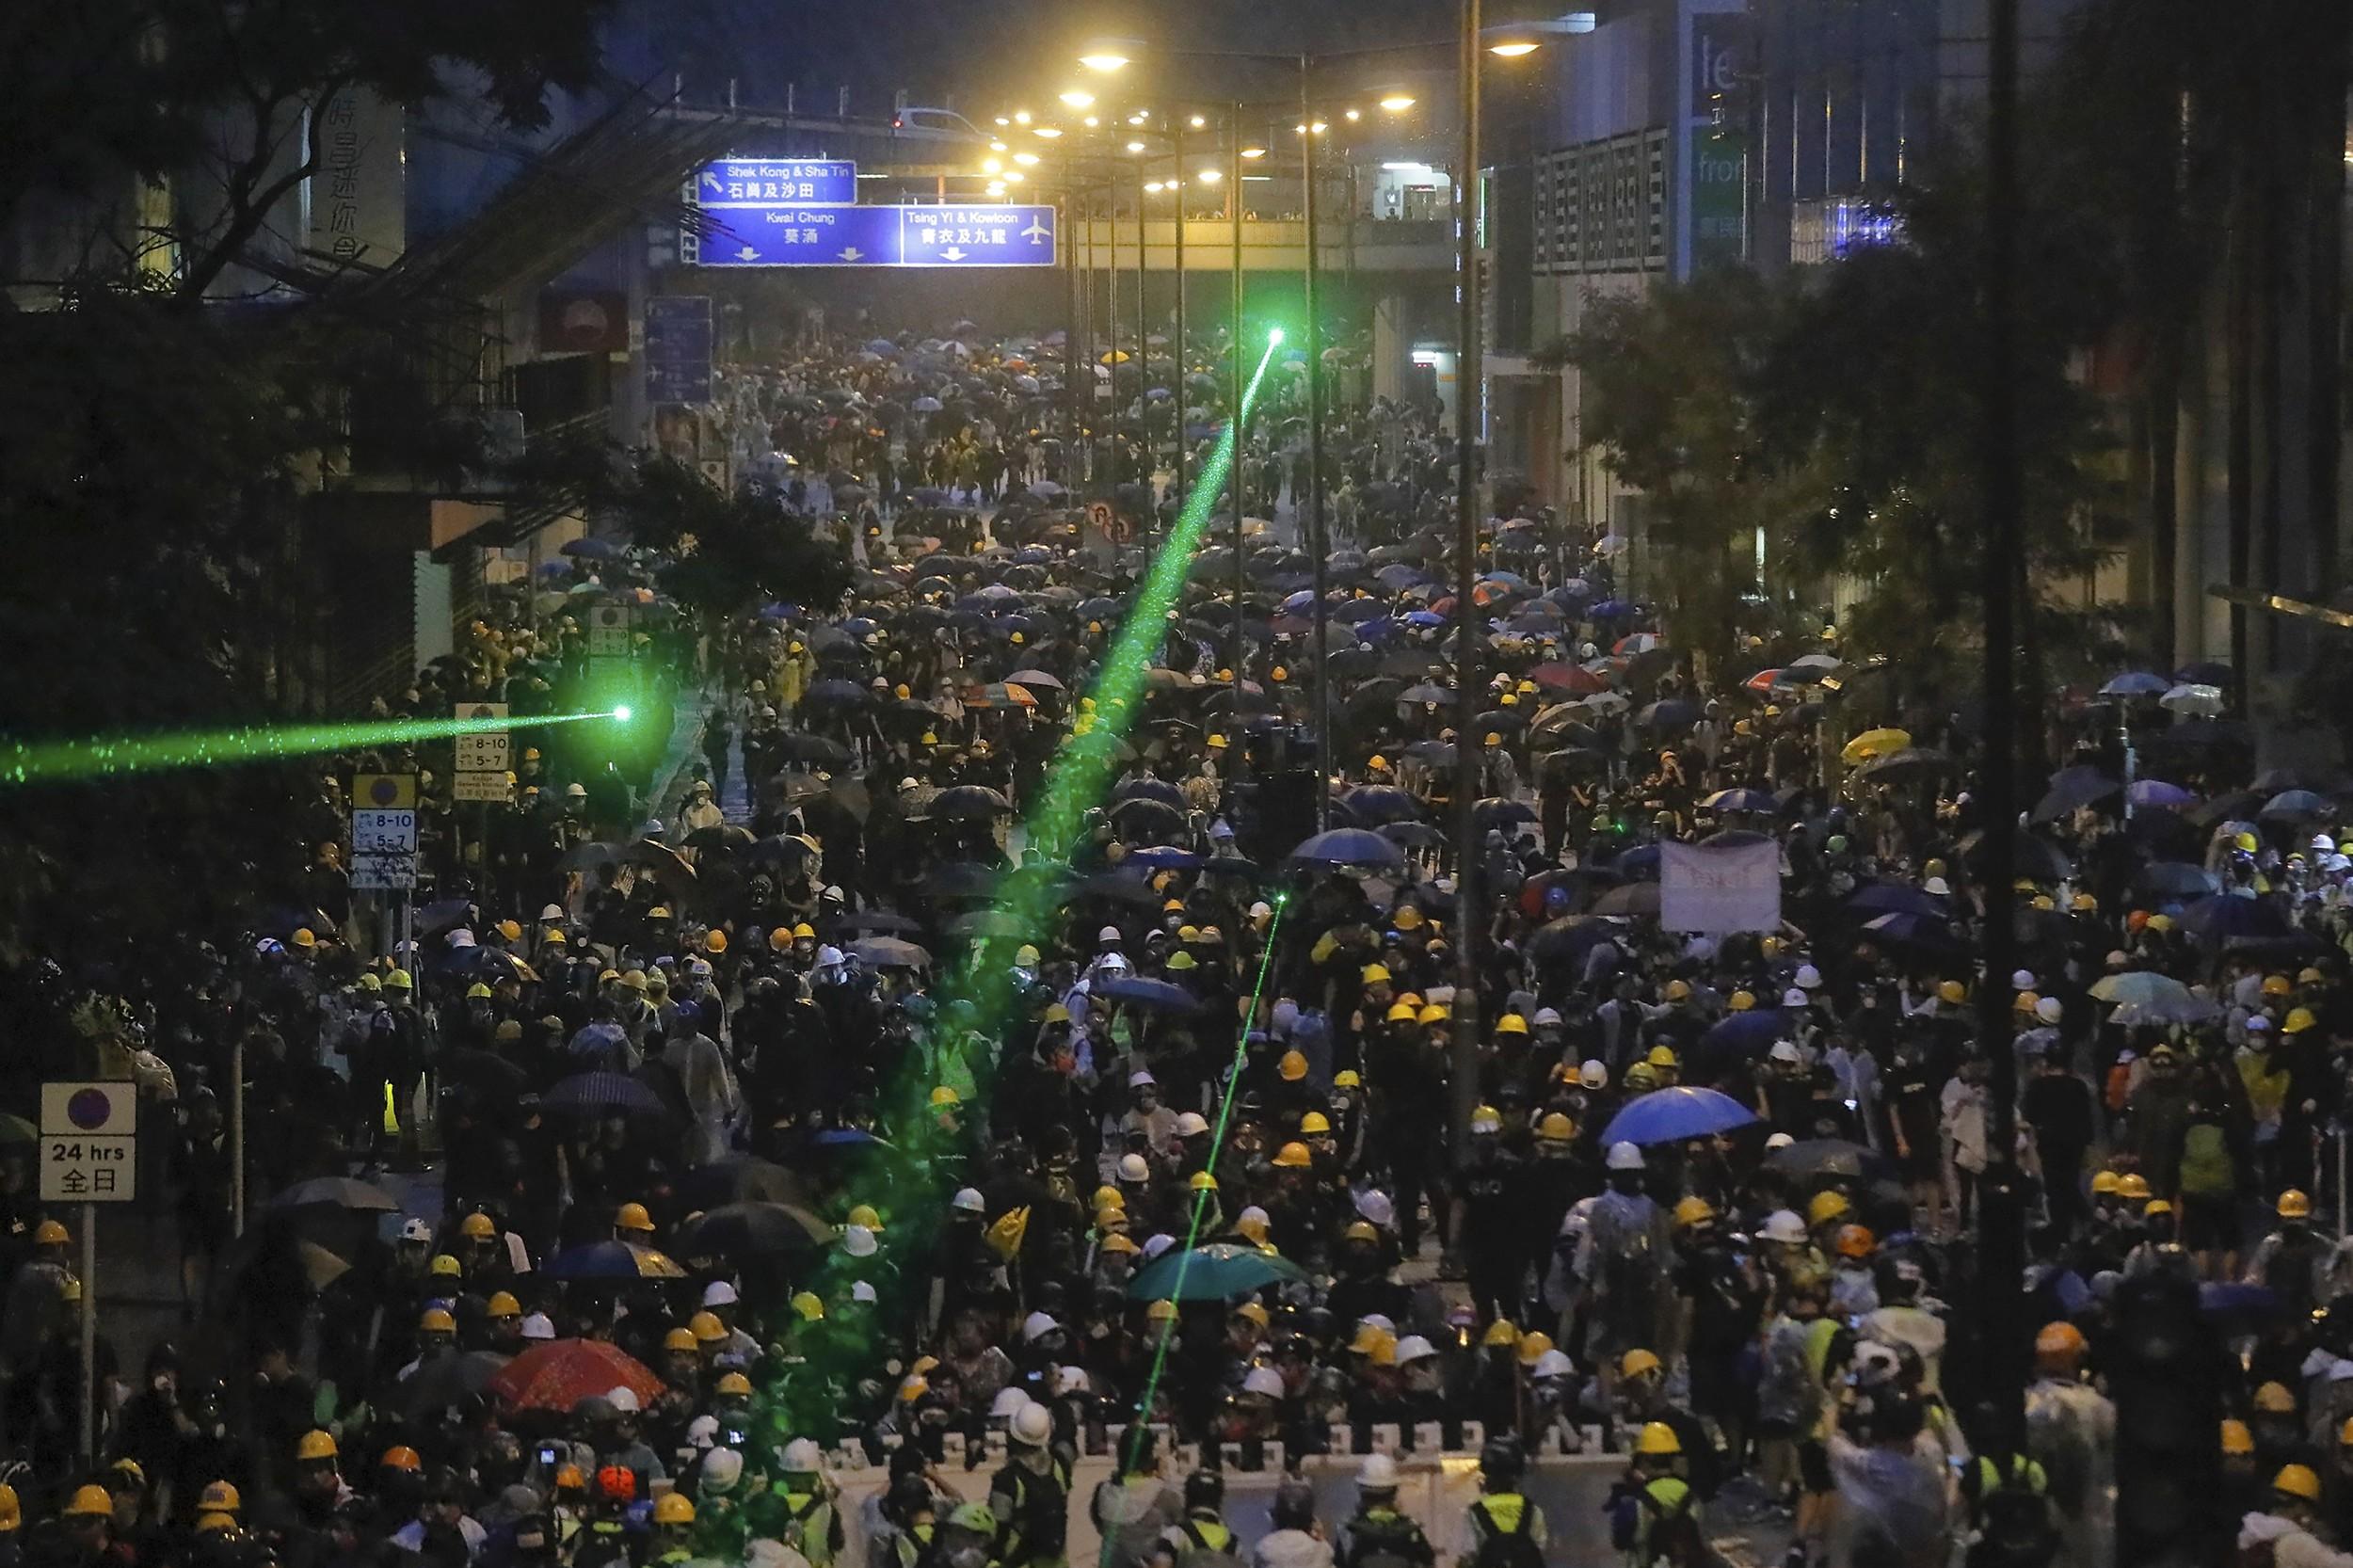 香港抗议民众用激光笔对准警方。(美联社)